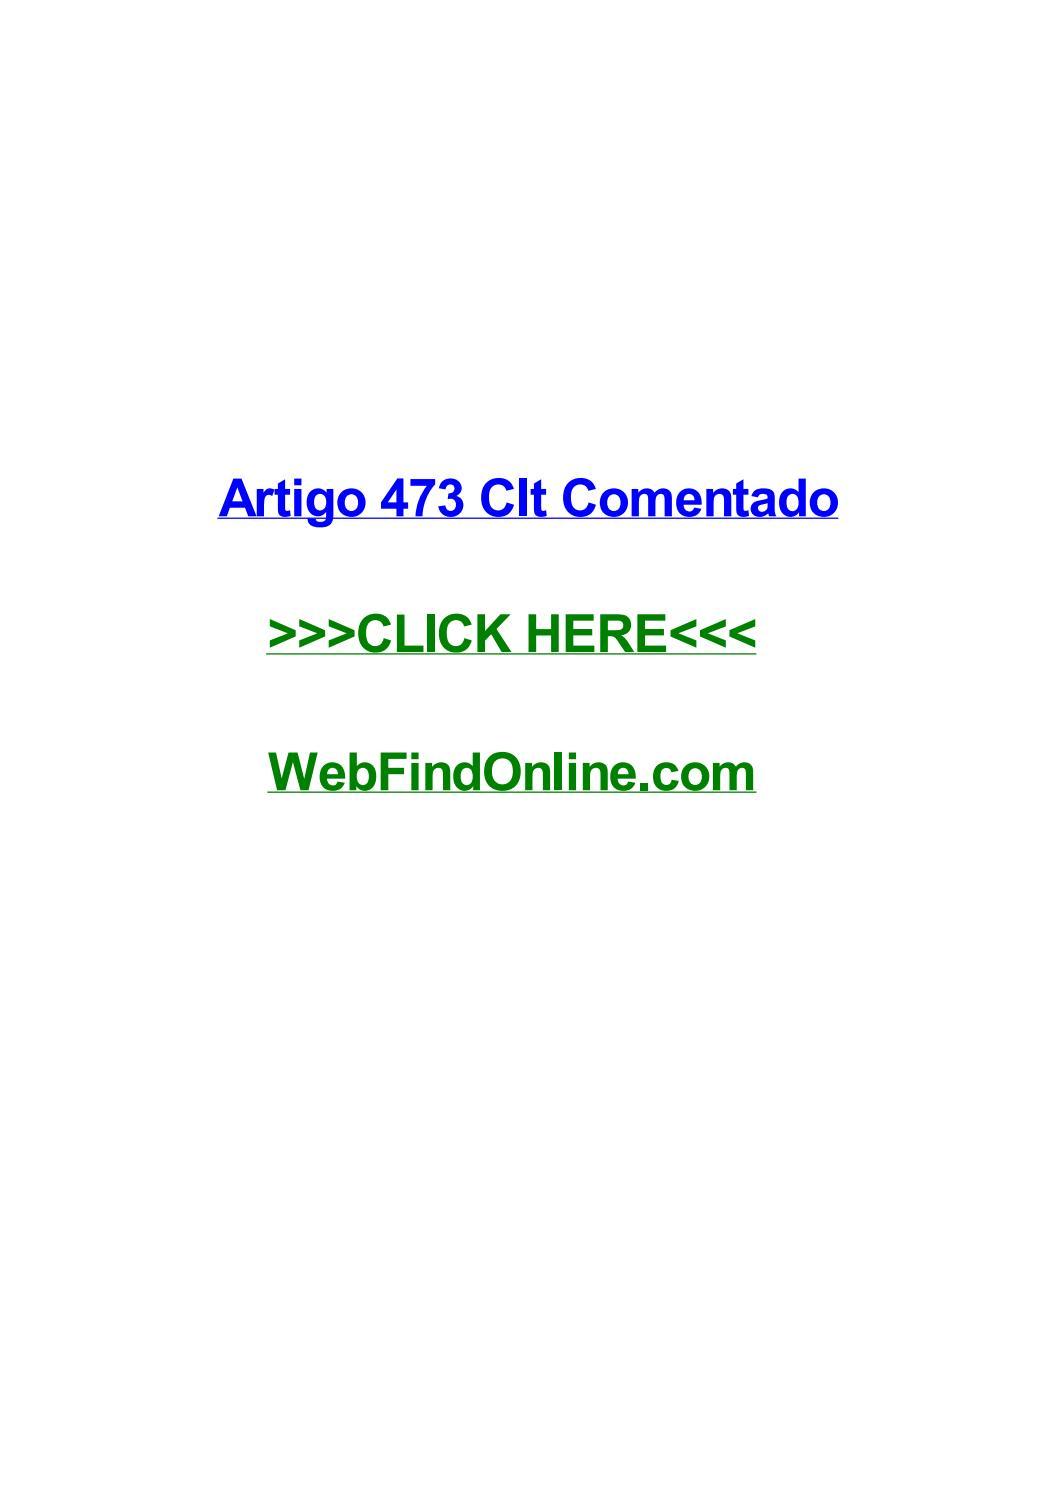 Artigo 486 Da Clt Comentado